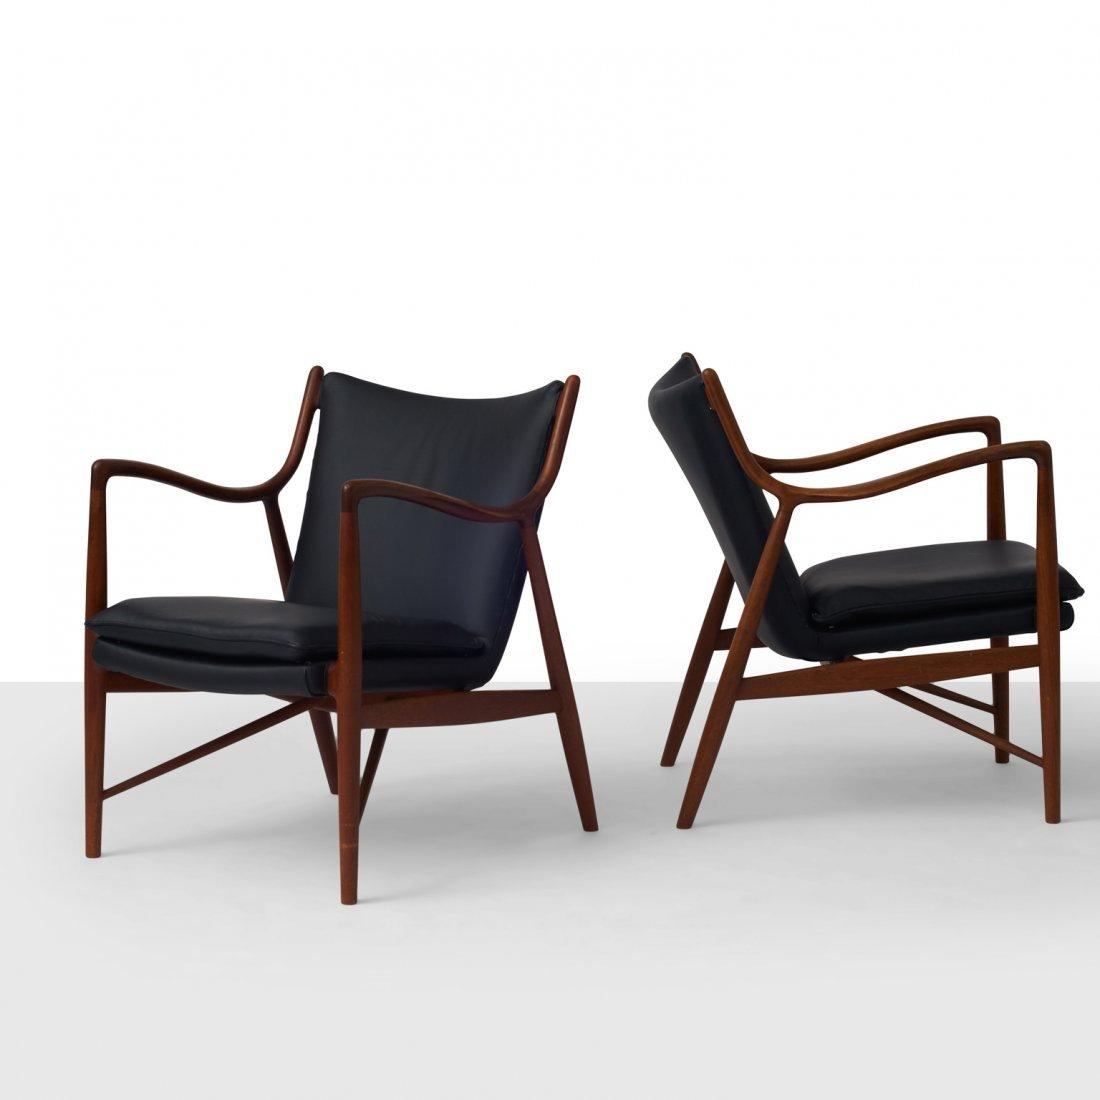 Finn Juhl, Pair of NV45 Chairs for Niels Vodder